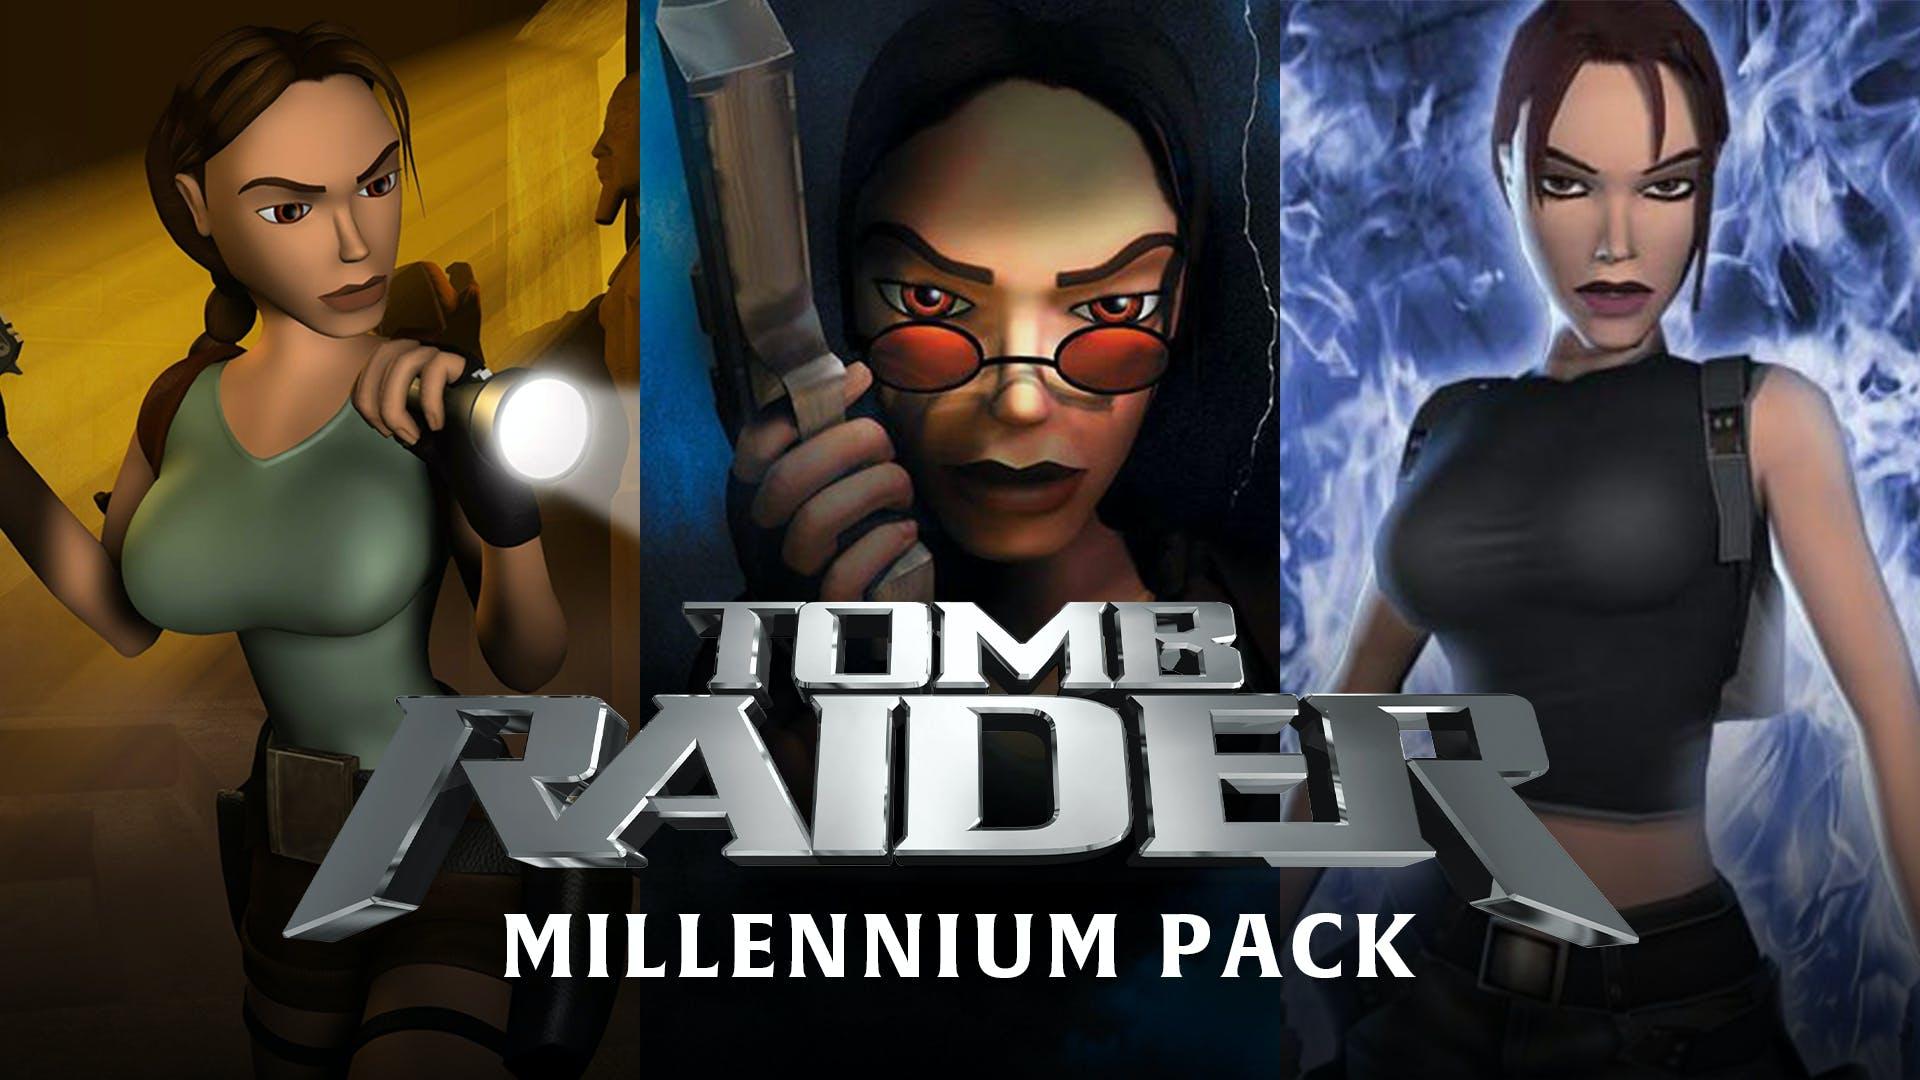 Tomb Raider Millennium Pack